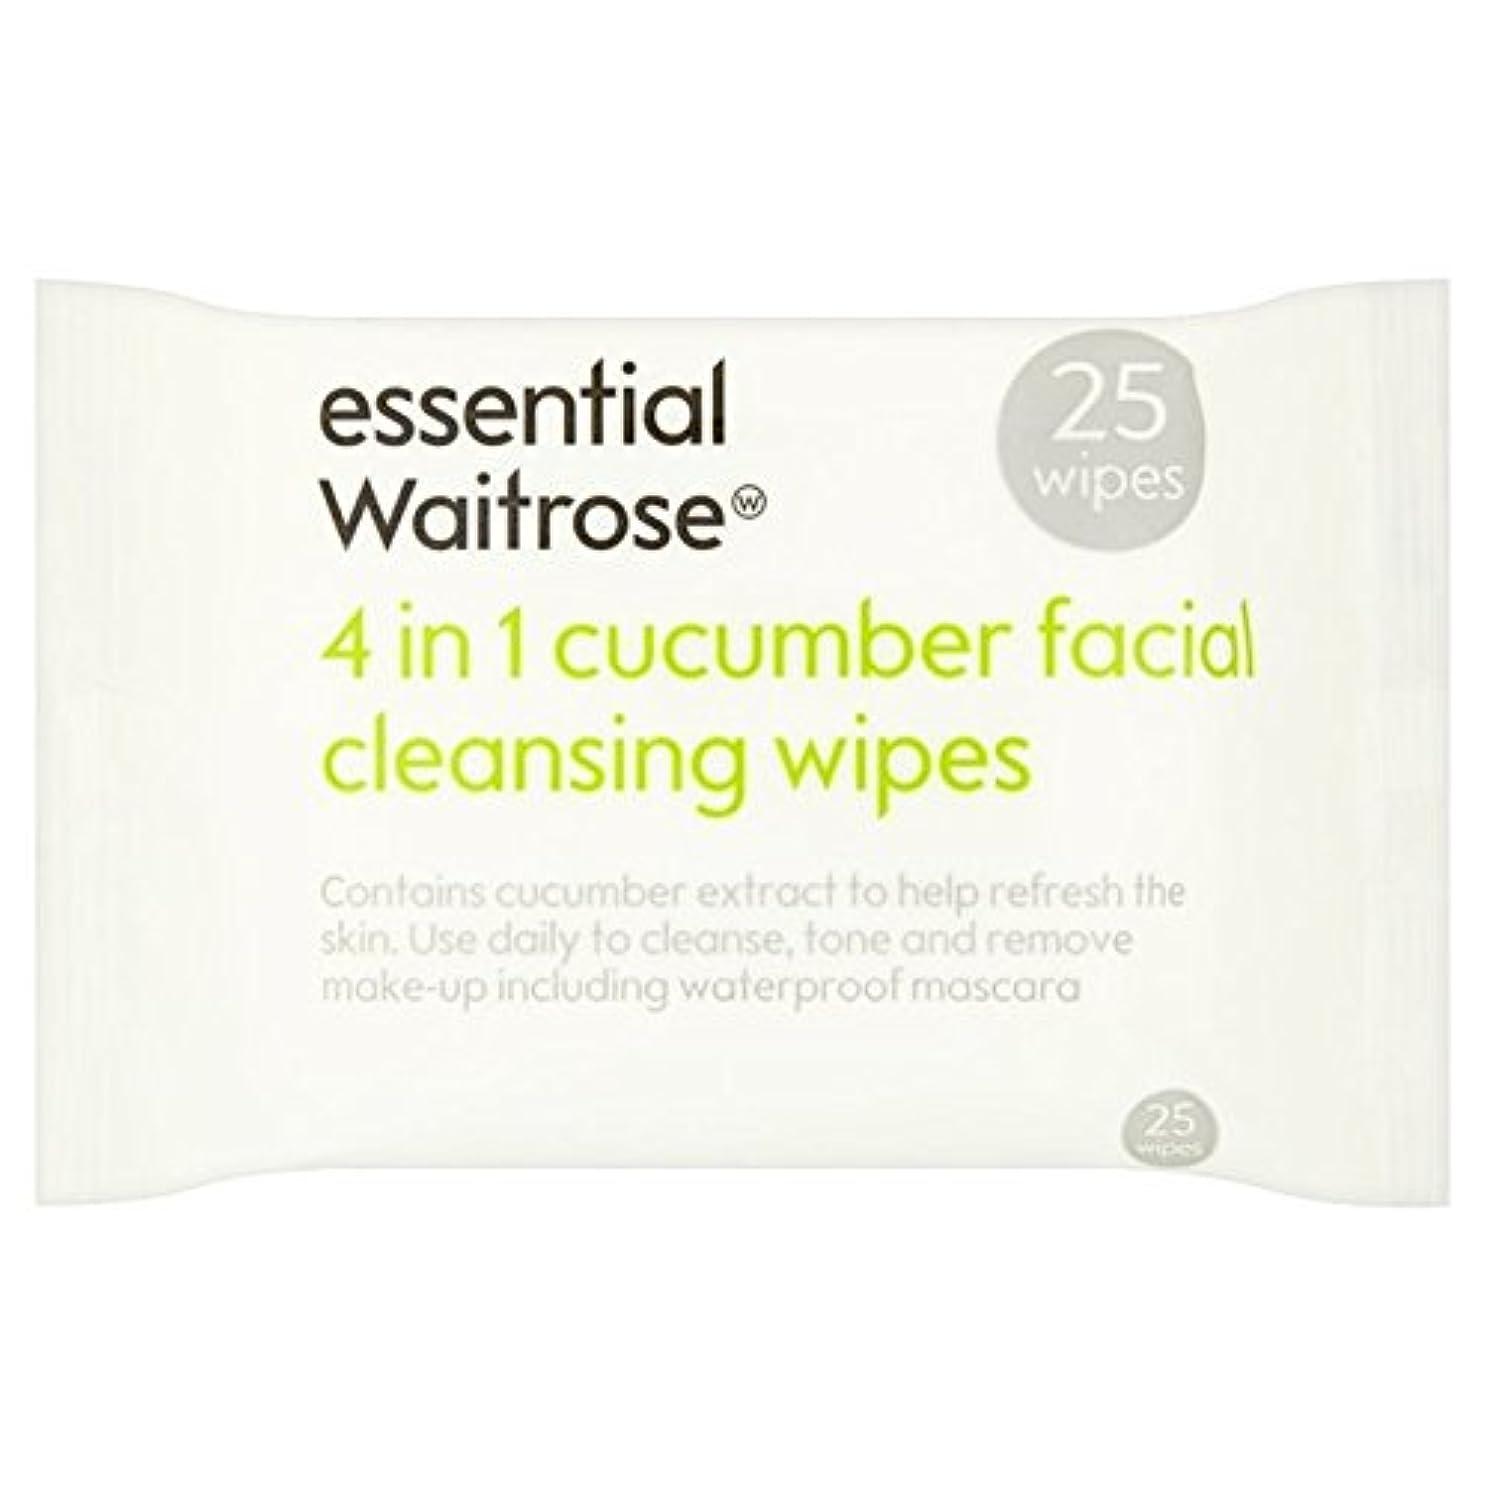 文房具編集するぴったりCucumber Facial Wipes essential Waitrose 25 per pack (Pack of 6) - キュウリ顔のワイプパックあたり不可欠ウェイトローズ25 x6 [並行輸入品]